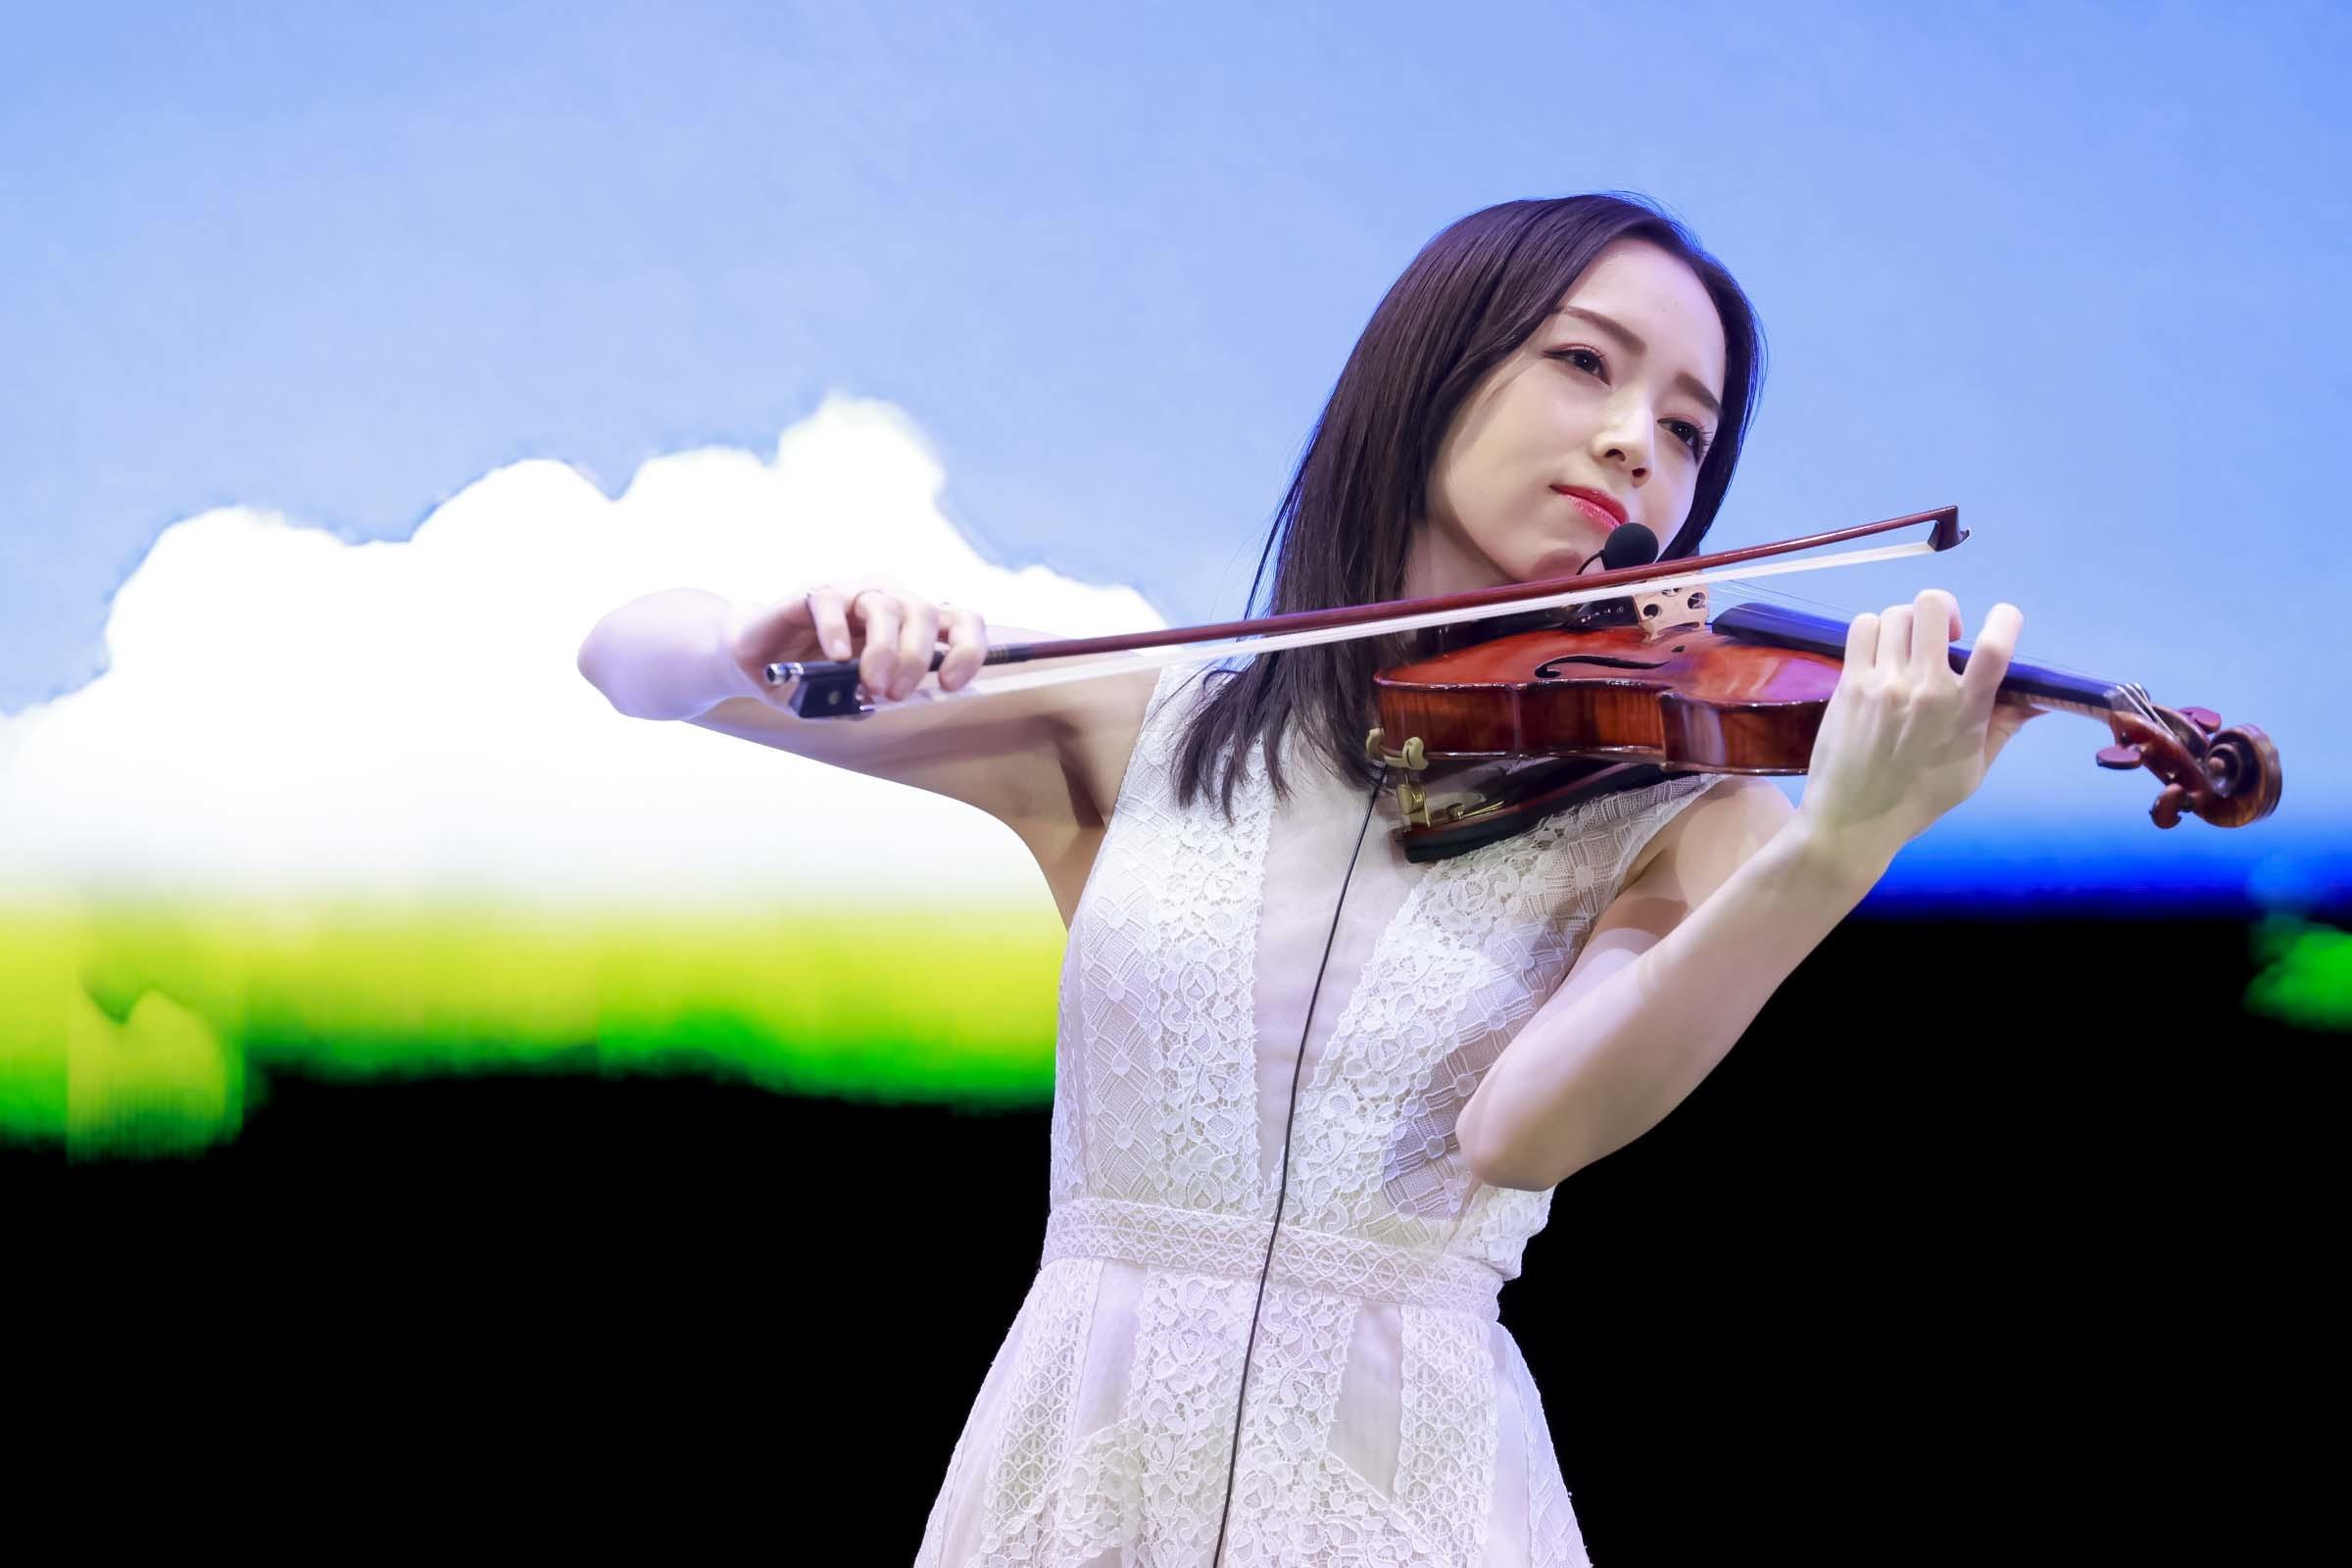 公式テーマ曲 ヴァイオリン演奏の宮本笑里